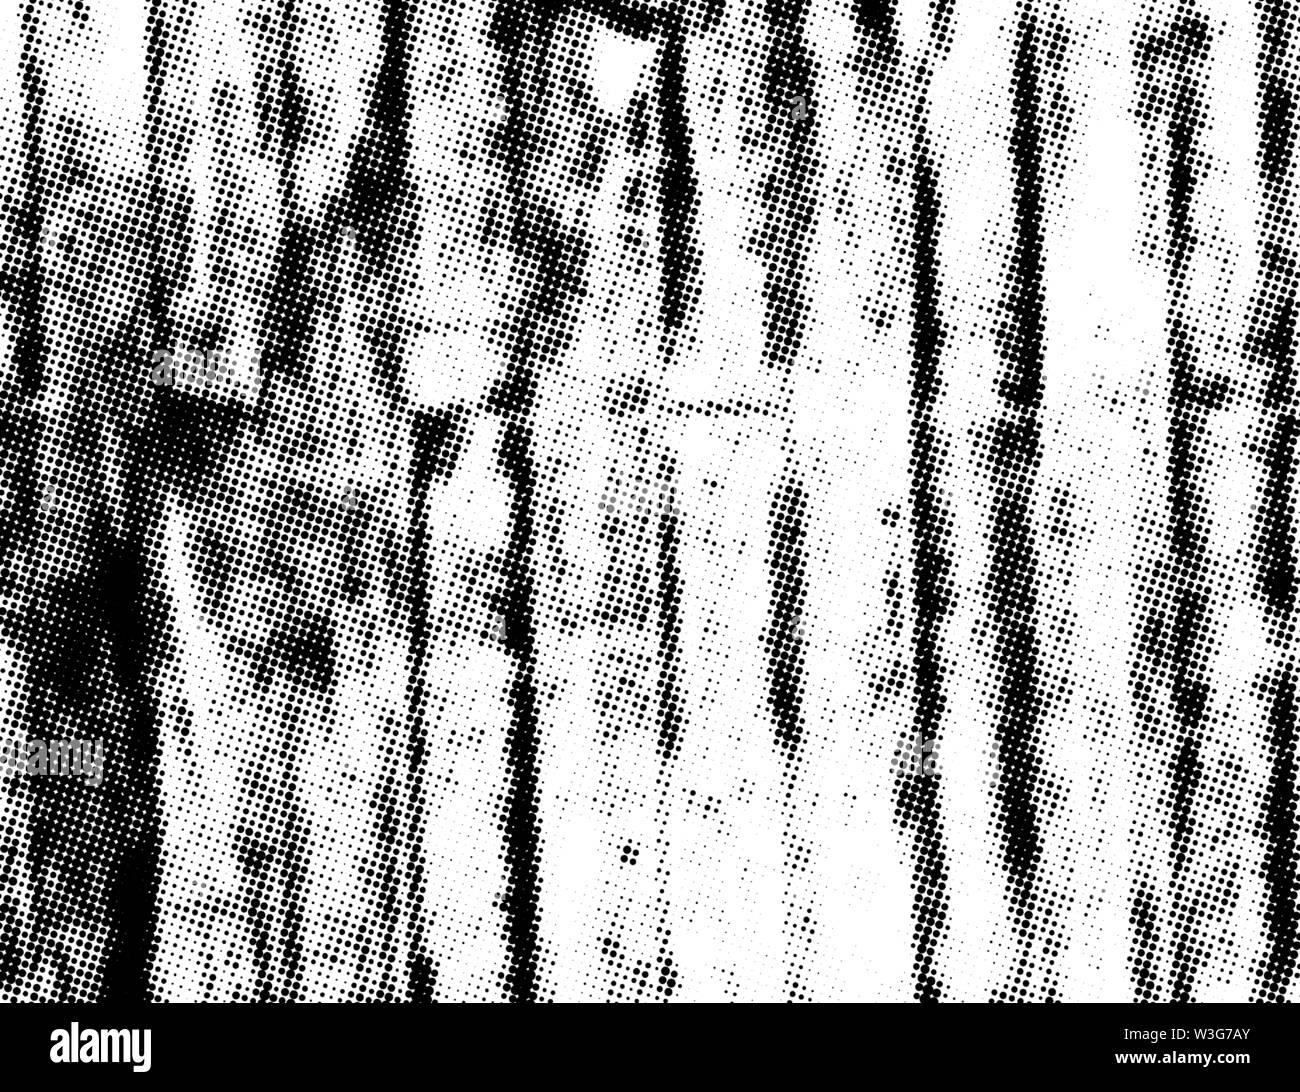 Distressed grunge texture fond granuleux. Vieux fond Texture Mur Scratch Photo Stock